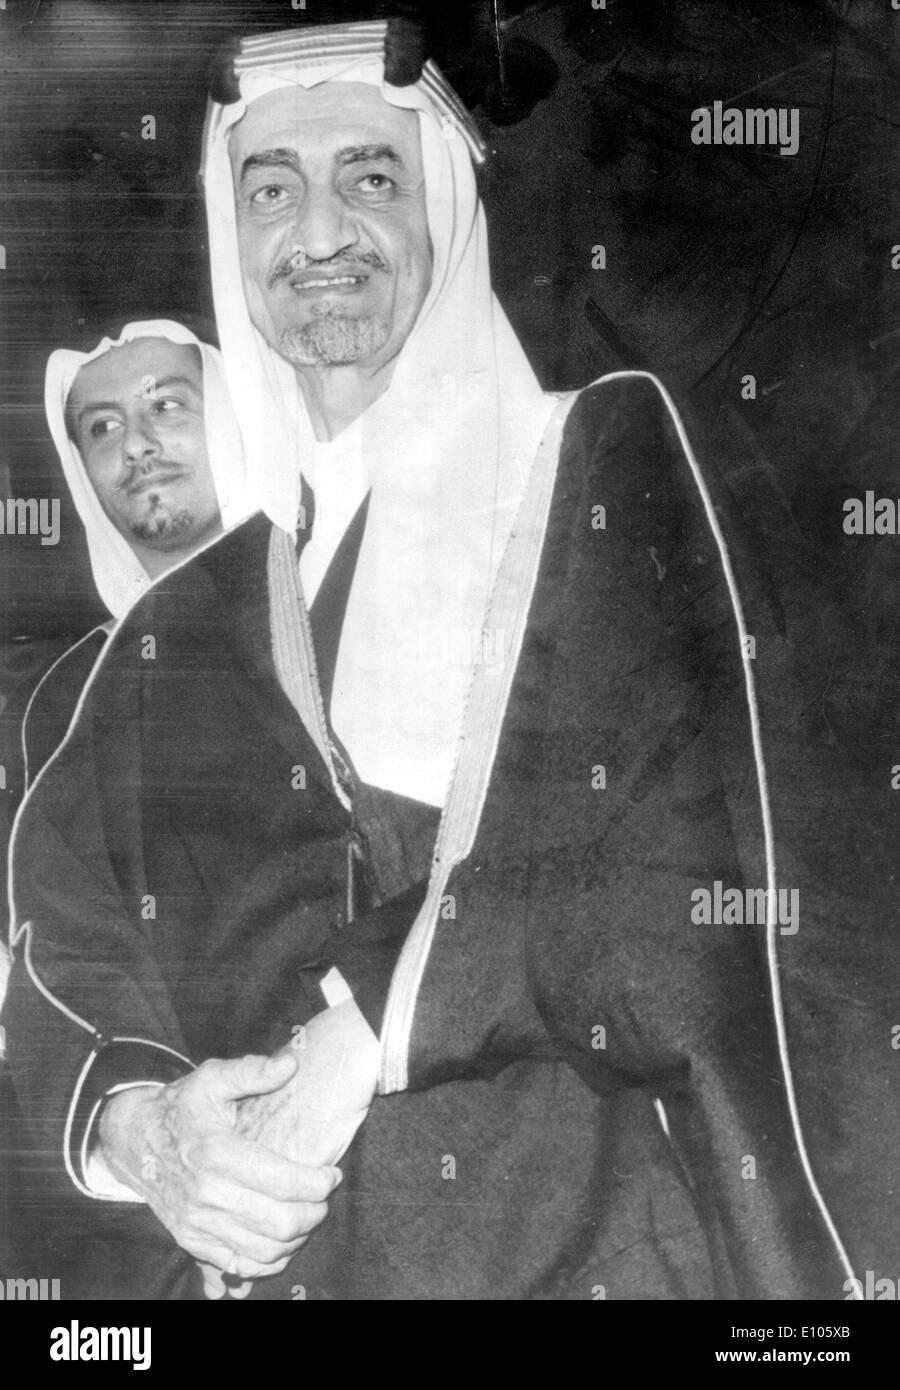 5508077 (900324) Koenig FEISAL, von Saudi-Arabien, Portrait ca. 70er Jahre. 'Nutzung nur gegen Honorar, Beleg, Namensnennung - Stock Image